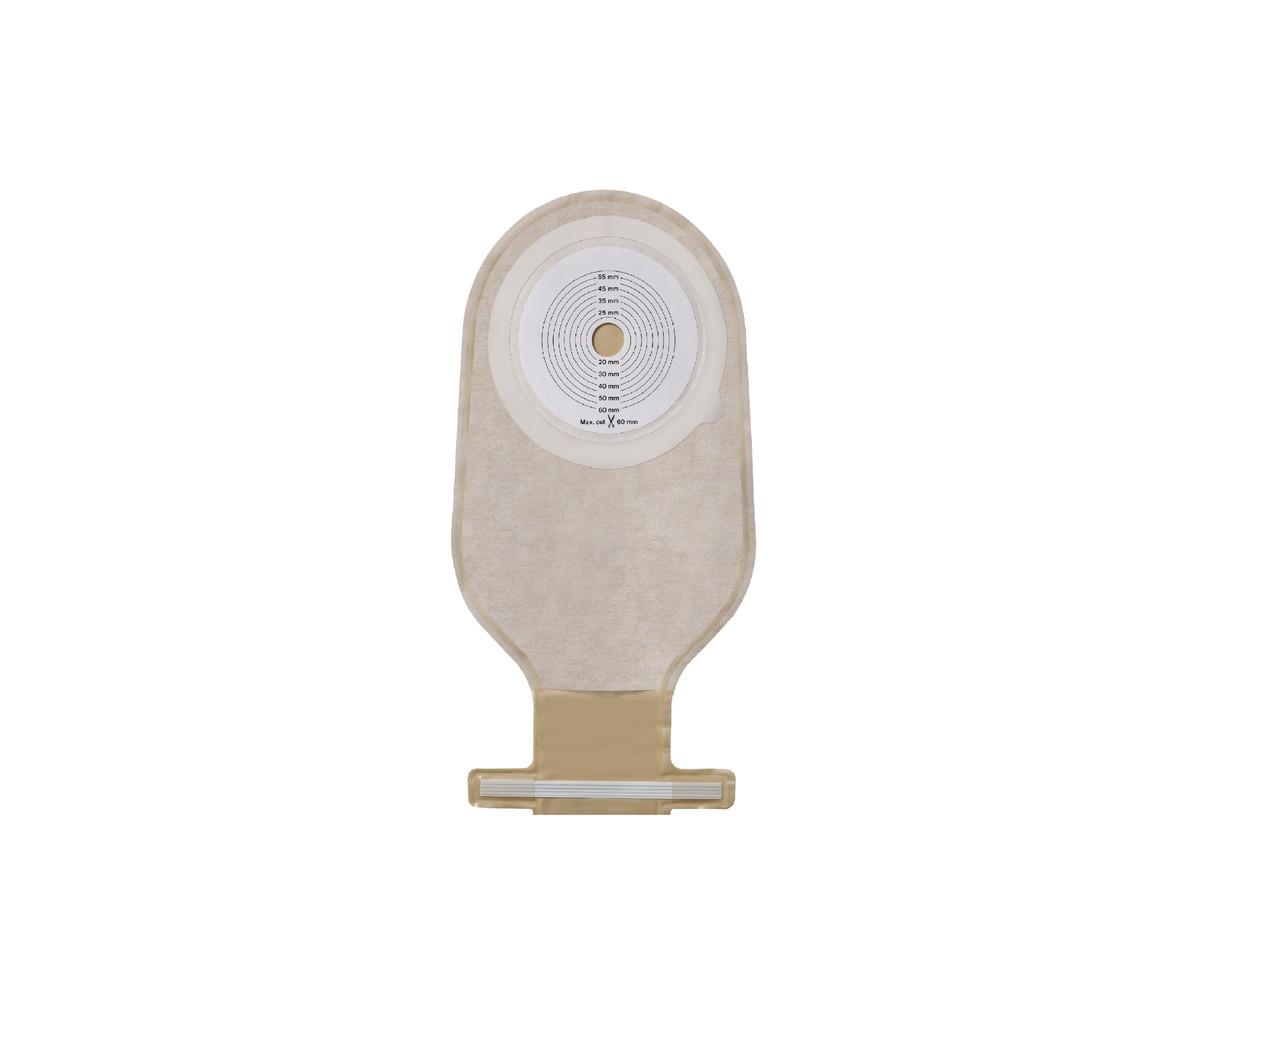 Калоприемник Coloplast 6300 N30 мешок открытый непрозрачный дренируемый вырезной диаметр 15-60мм